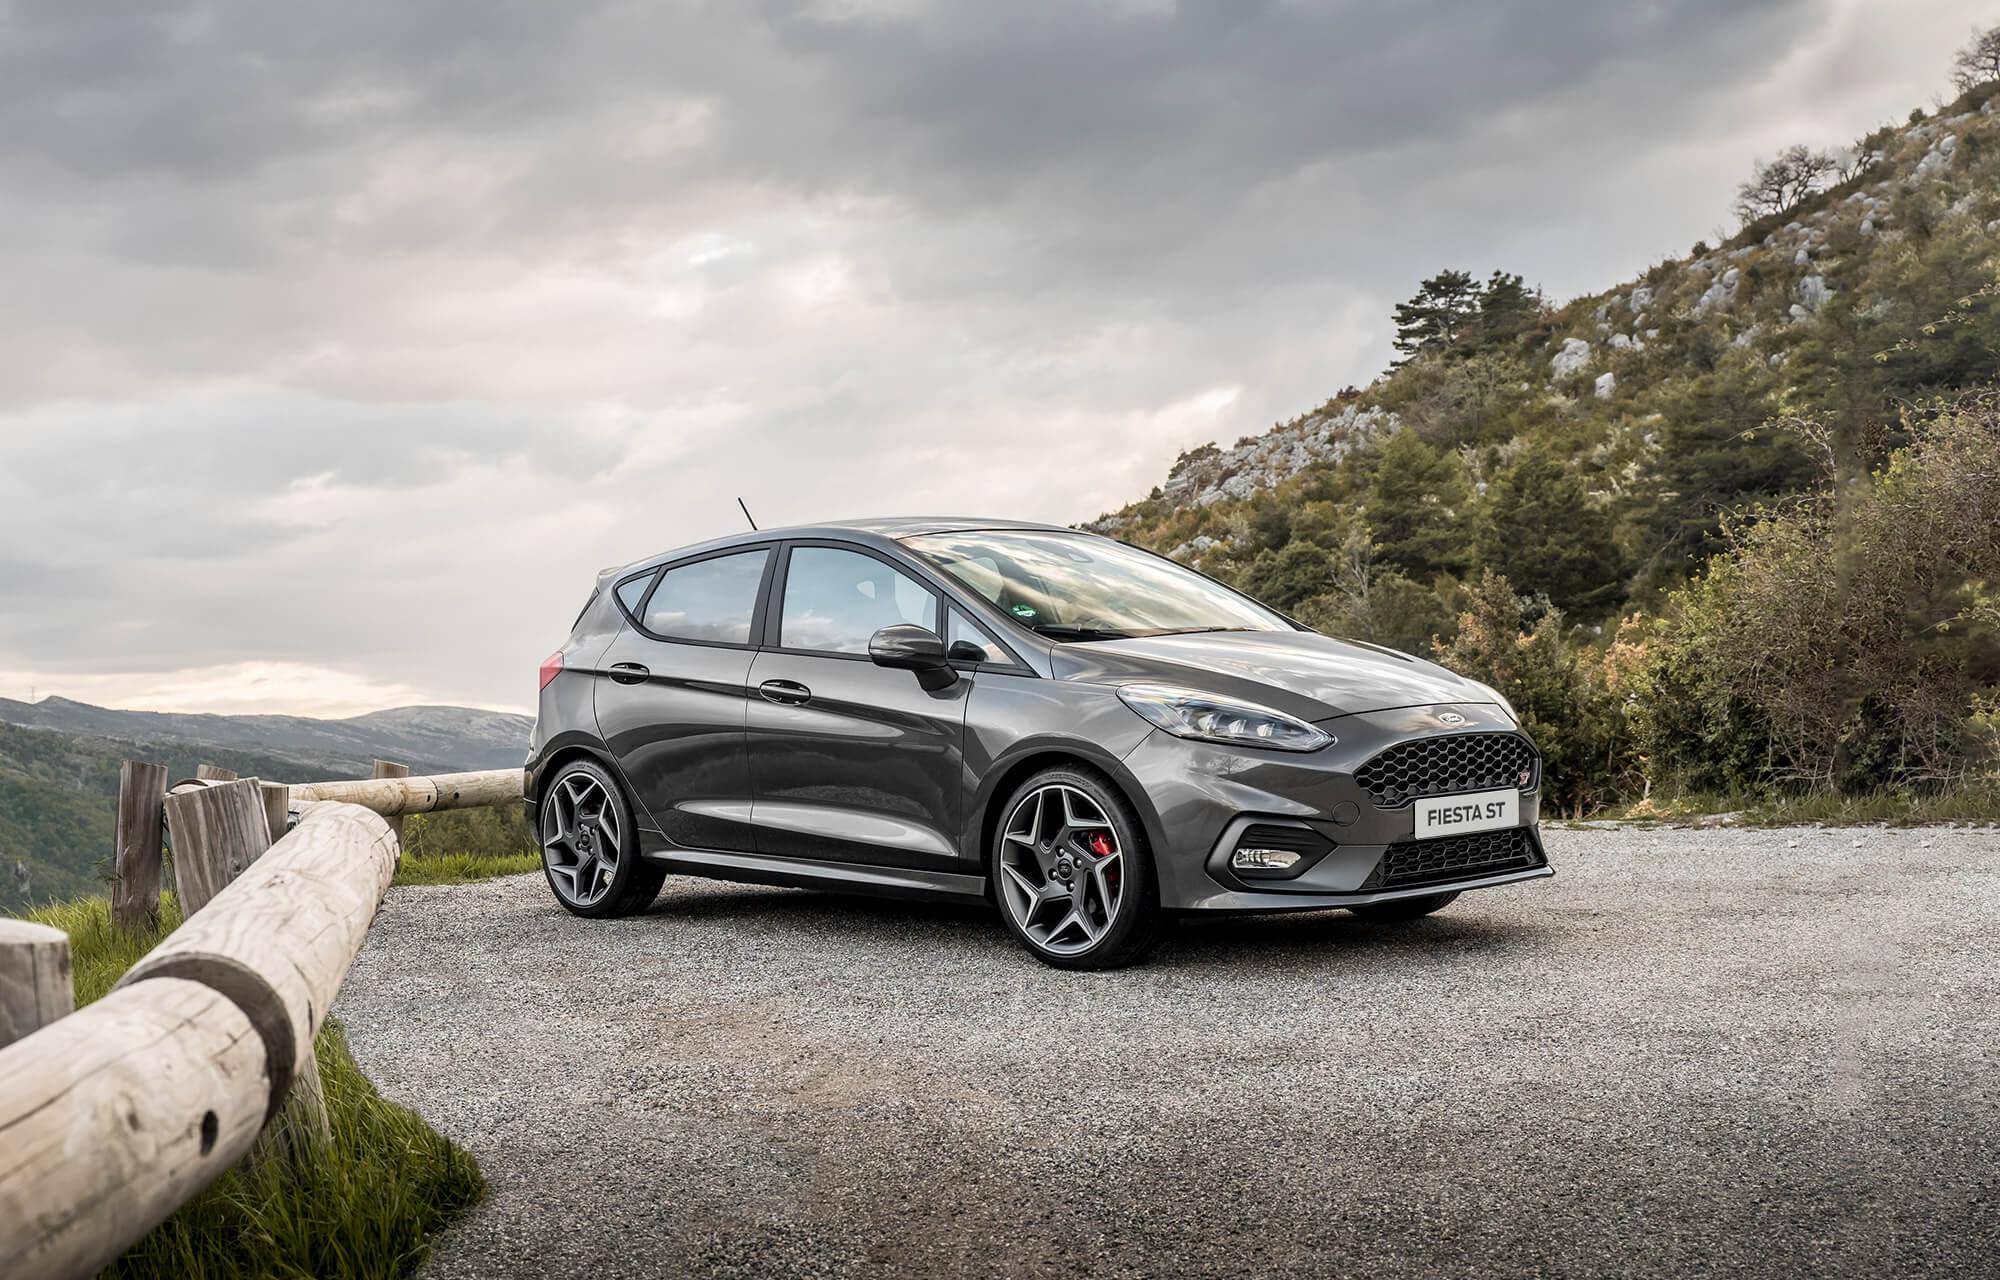 Nieuwe Ford Fiesta prijs bekendgemaakt